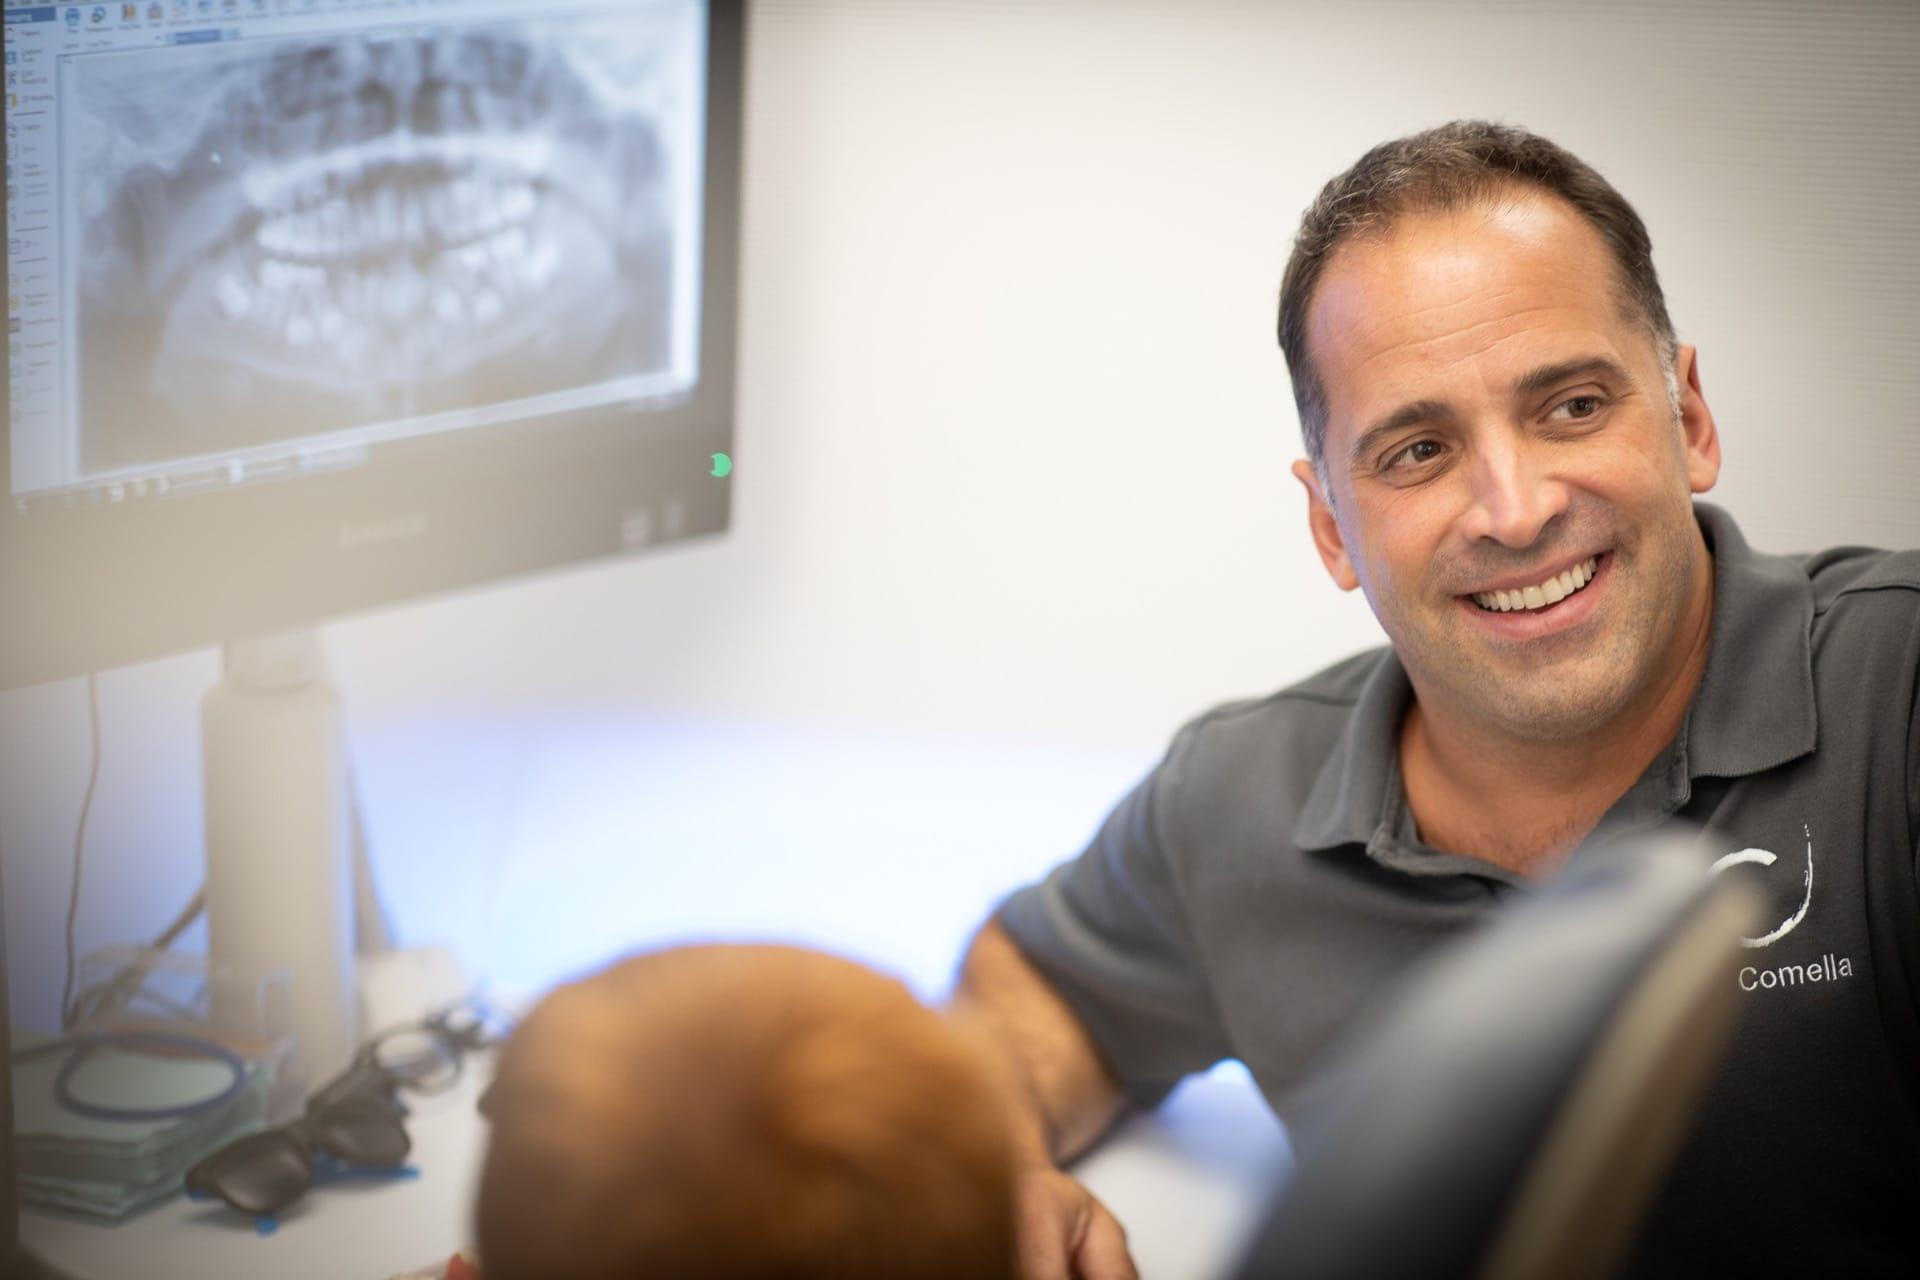 Comella Orthodontics Rochester New York Dr Comella Candids 13 - Meet Dr. Brandon Comella